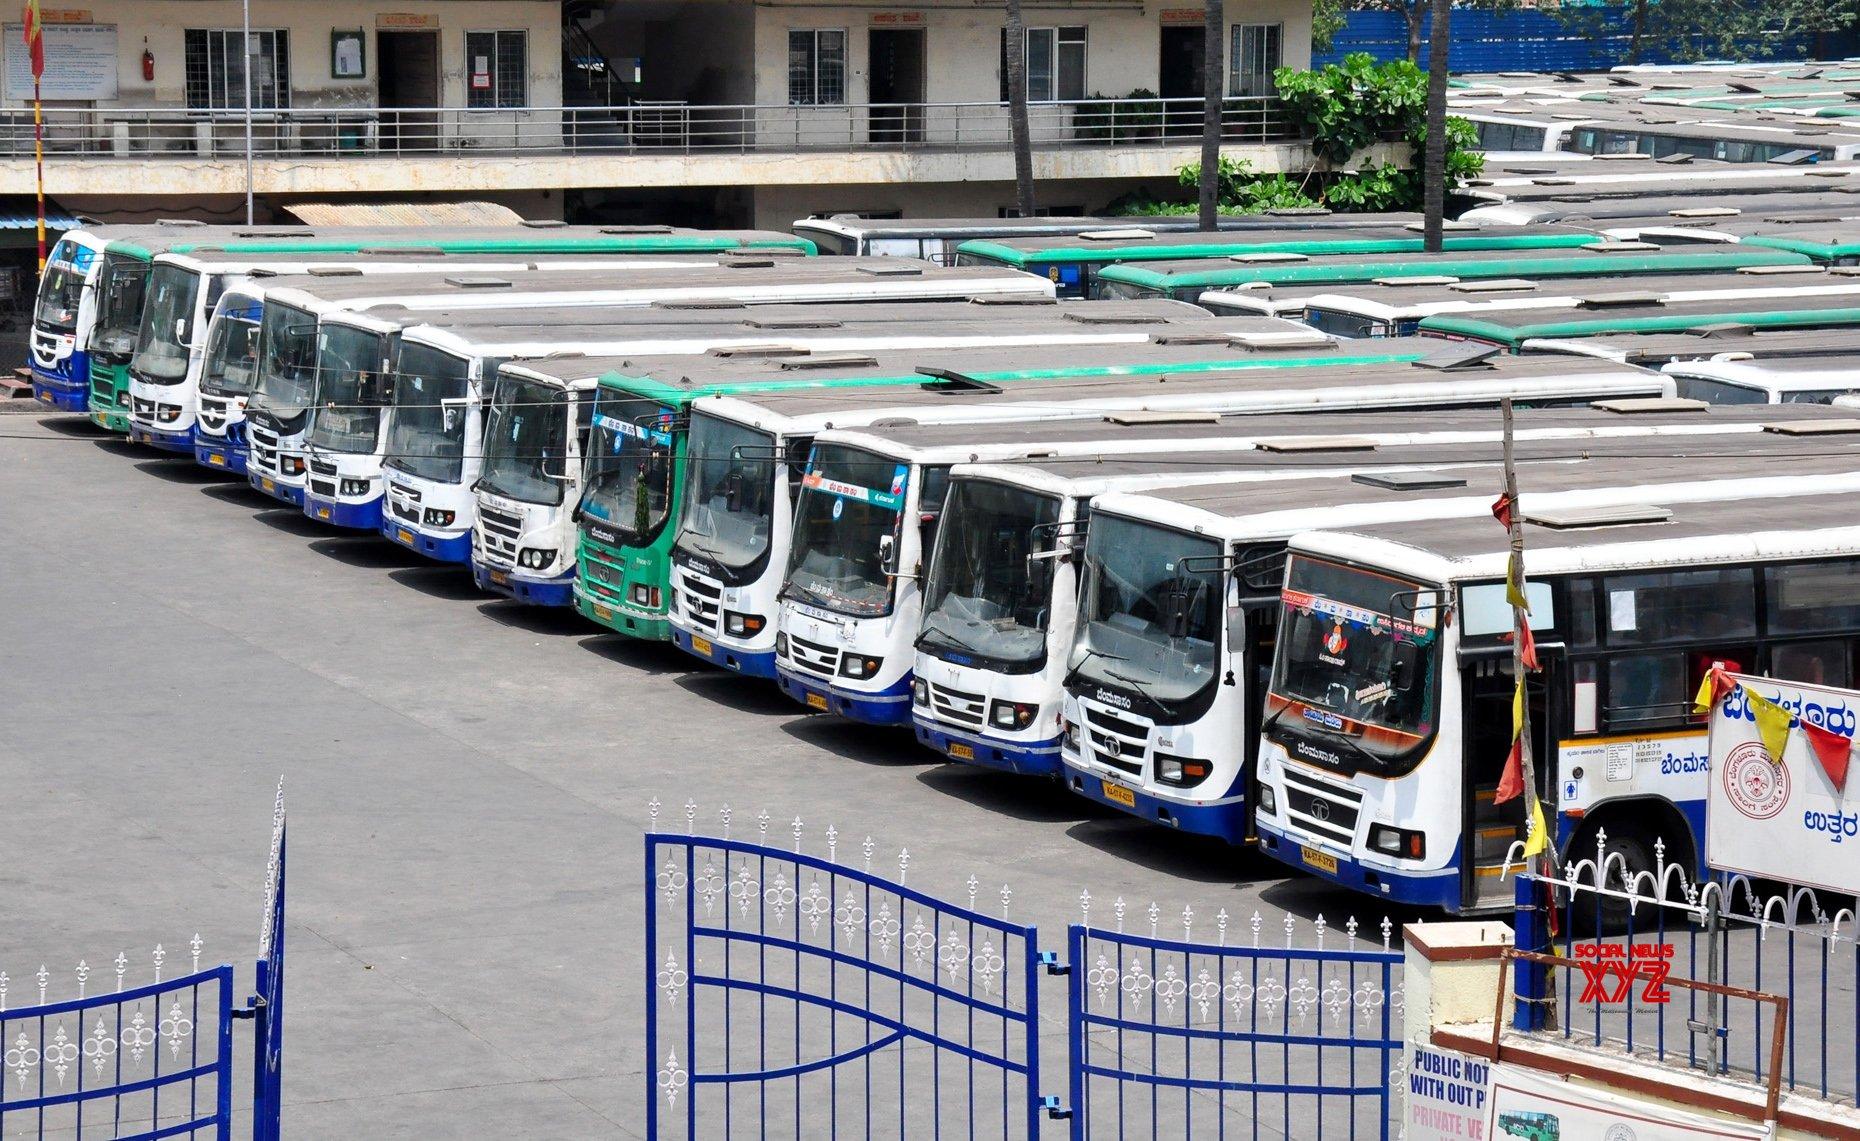 Bus strike: K'taka seeks help from Armed forces, police